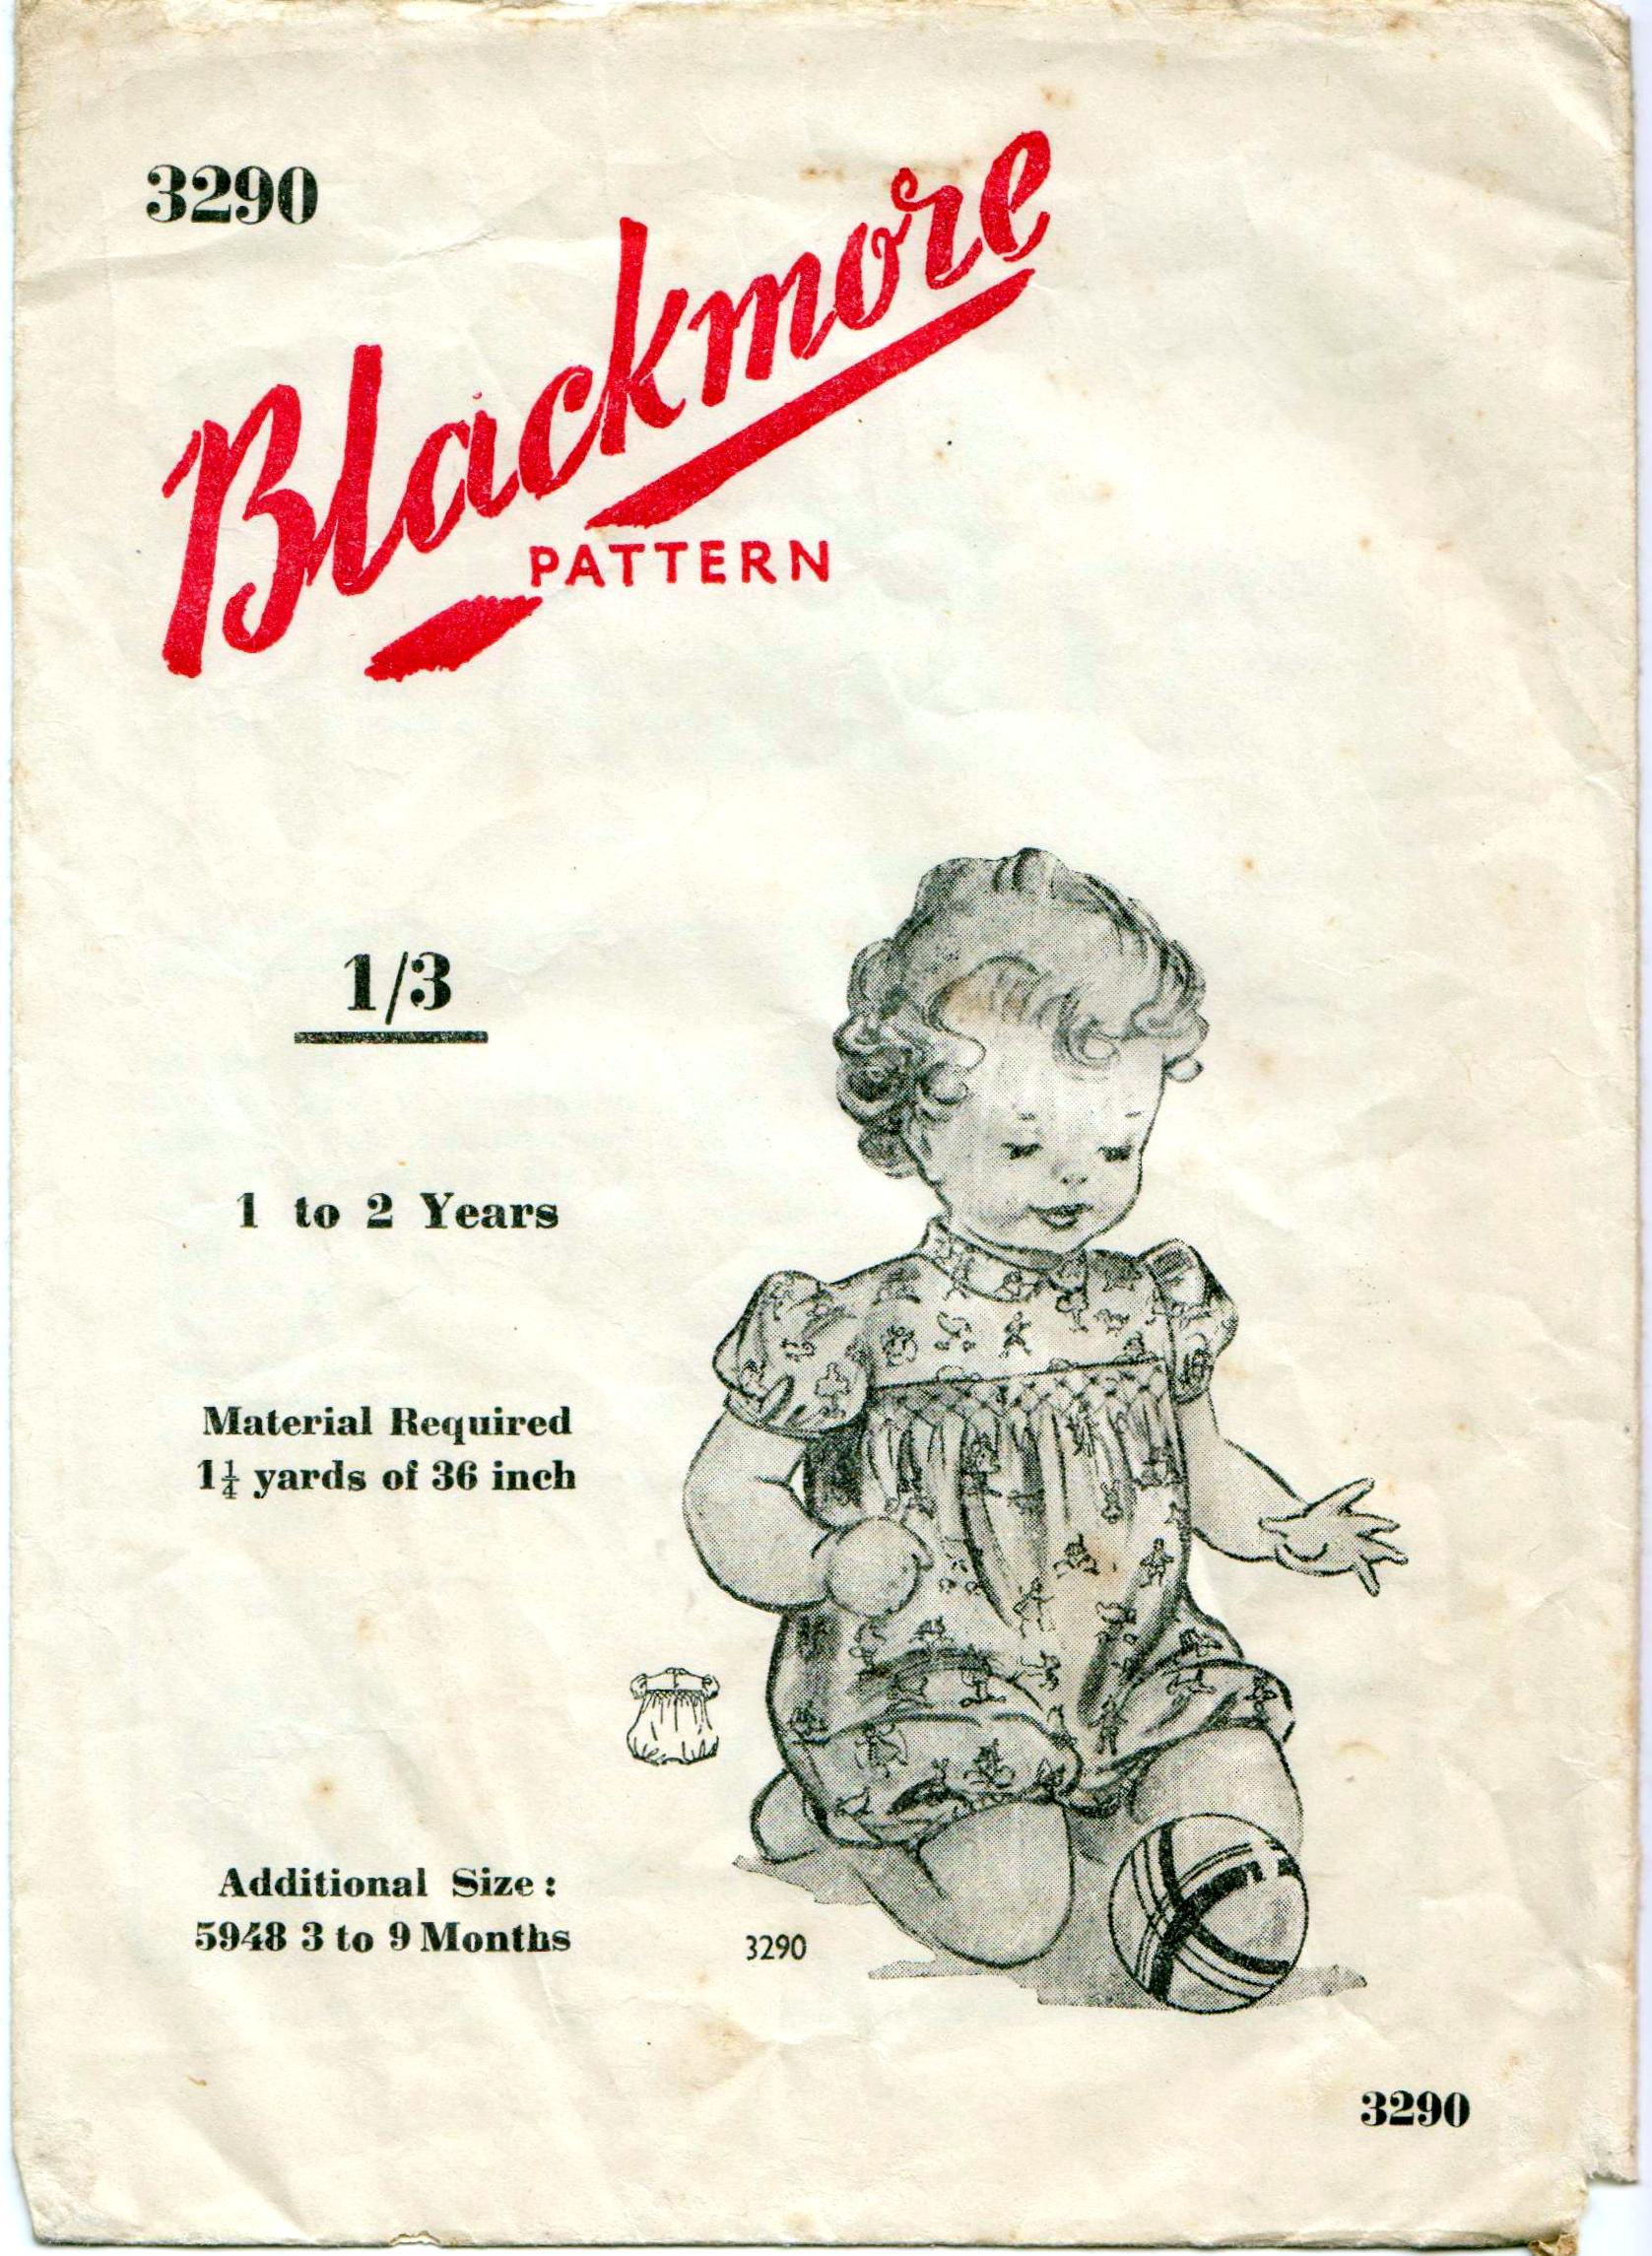 Blackmore 3290